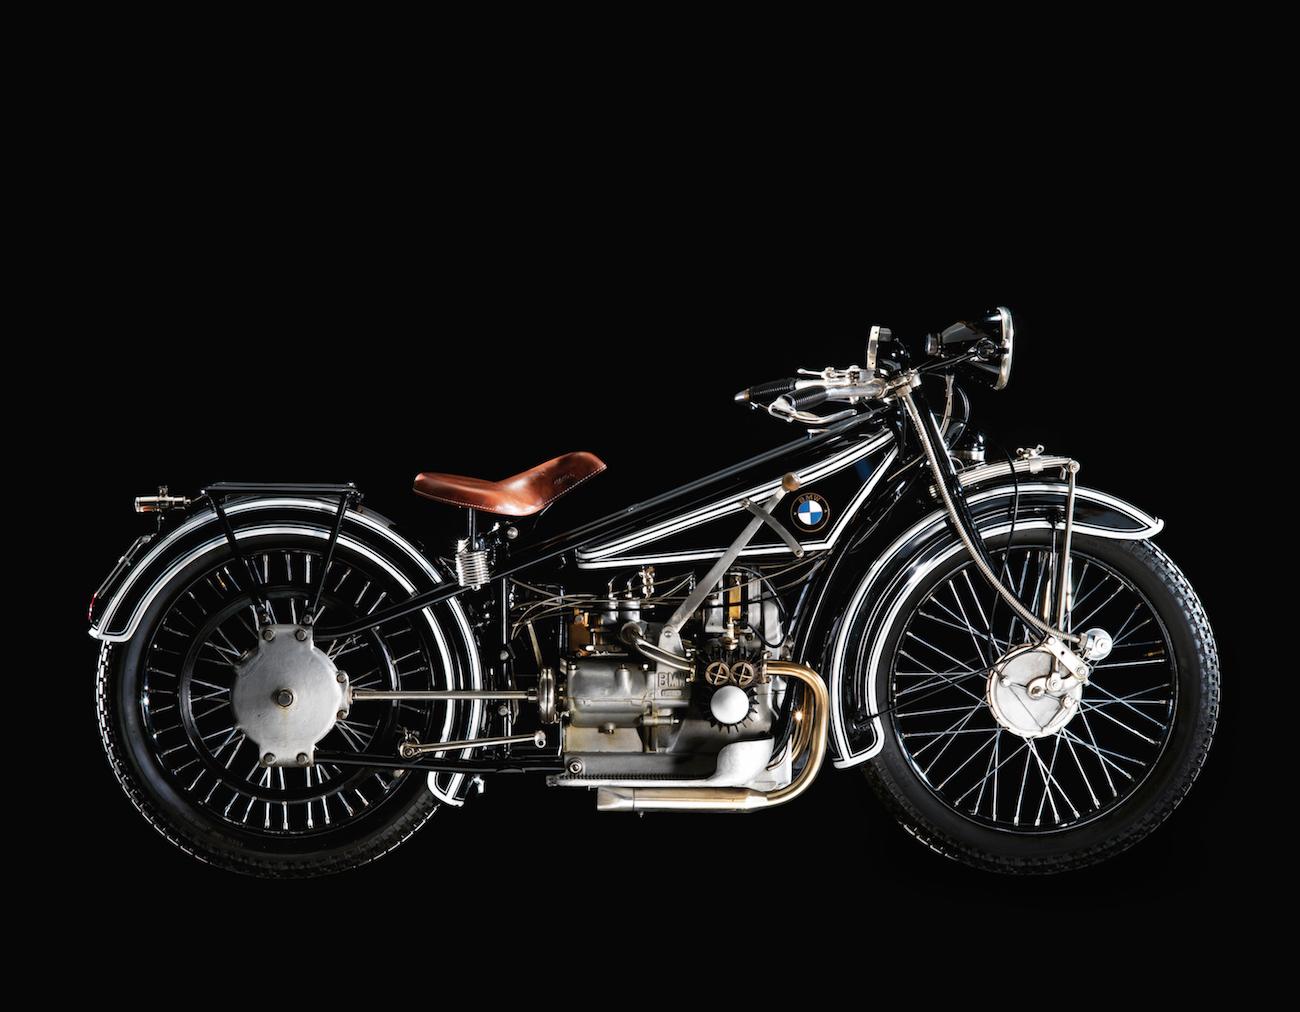 Vorstellung der BMW R 32, das erste Motorrad der Marke, entwickelt unter der Leitung von Max Friz, angetrieben von einem quer eingebauten Zweizylinder-Viertakt-Boxermotor.